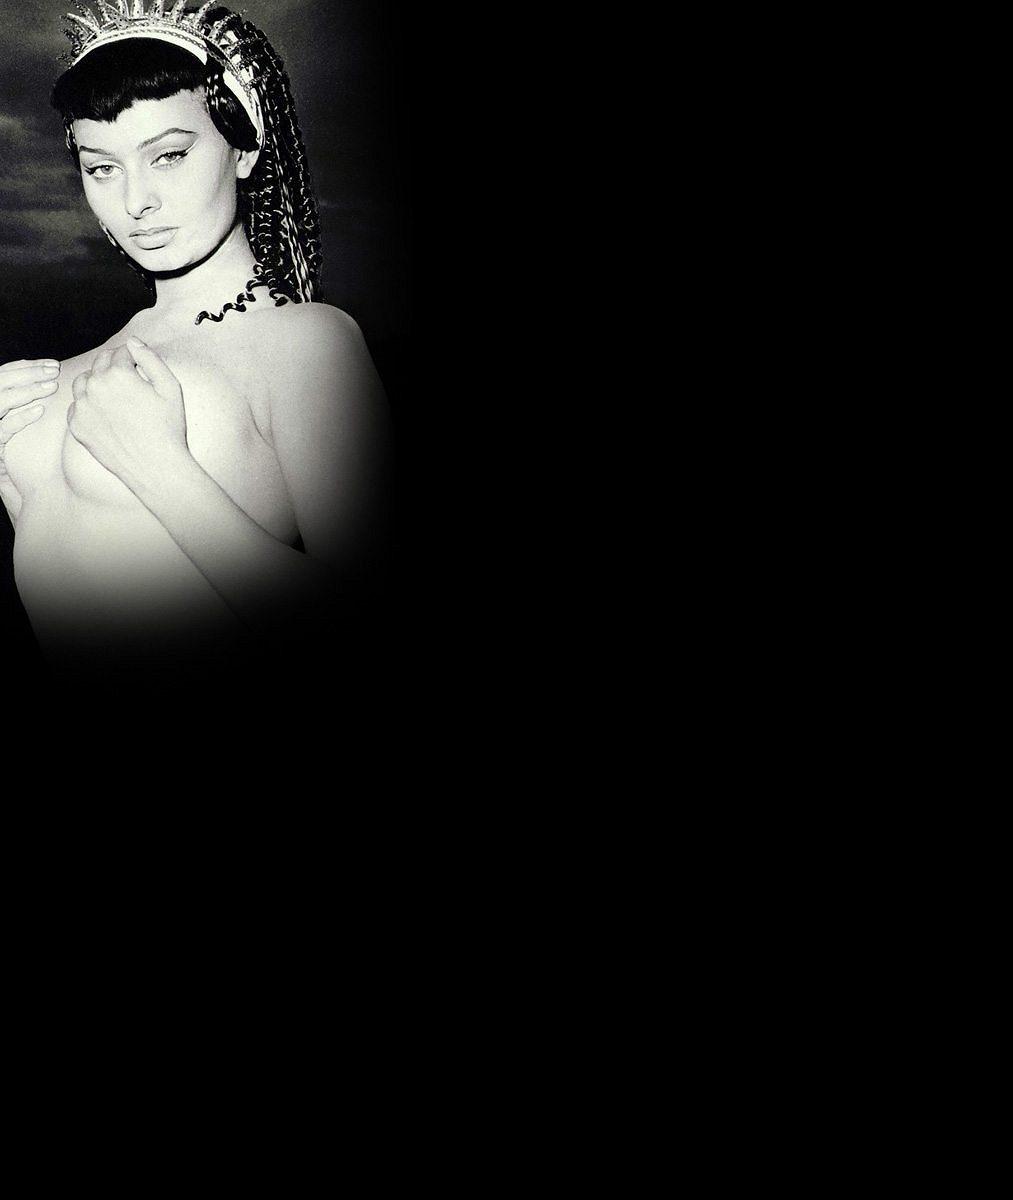 Tahle dáma byla největší italskou sexbombou právem: 5 nejprsatějších fotek Sophie Loren